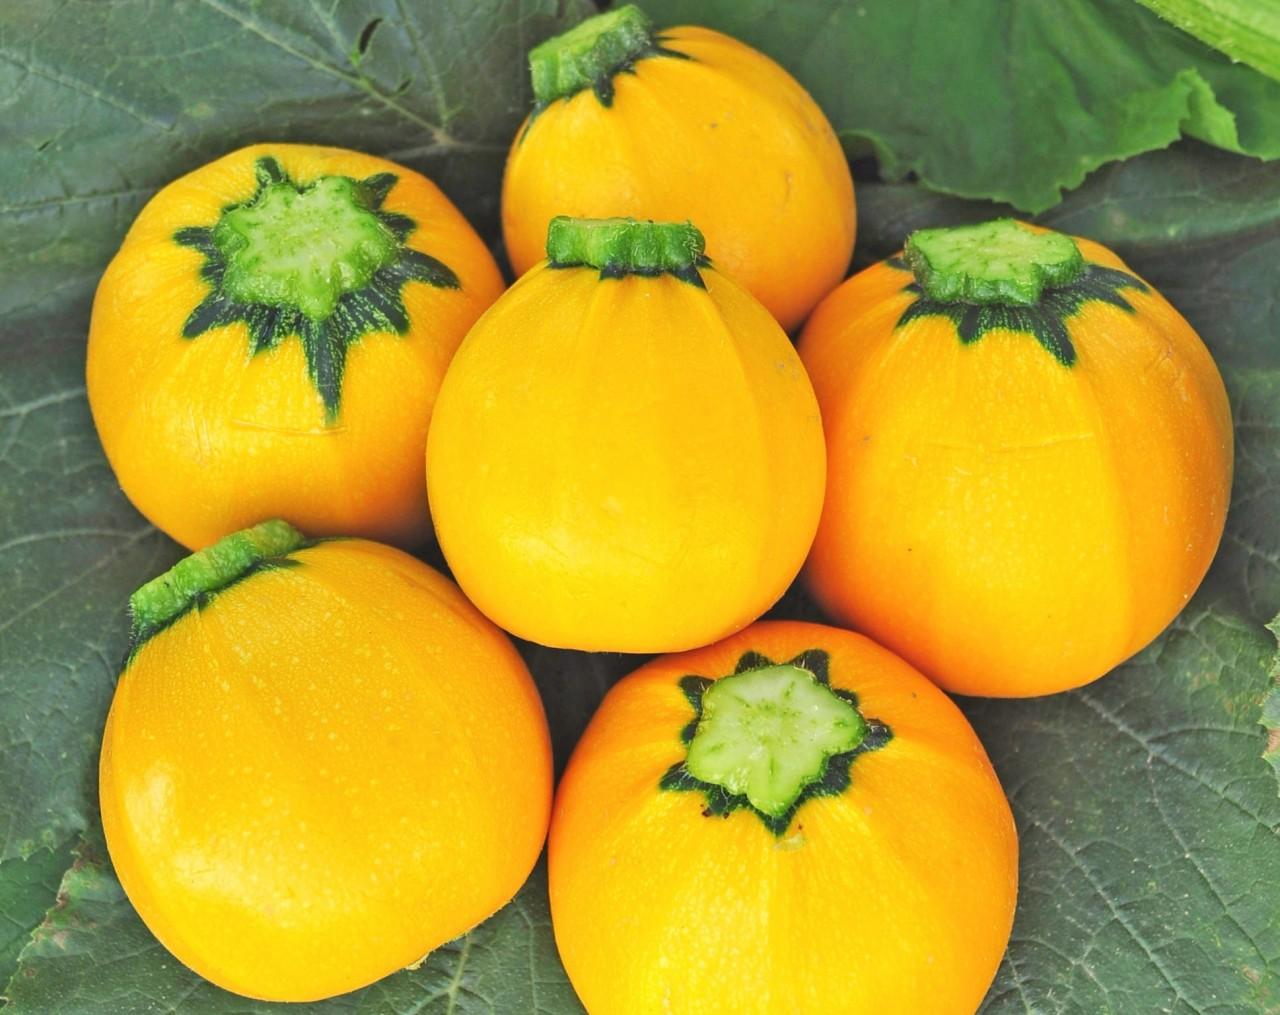 Кабачок апельсинка – удачная новинка!